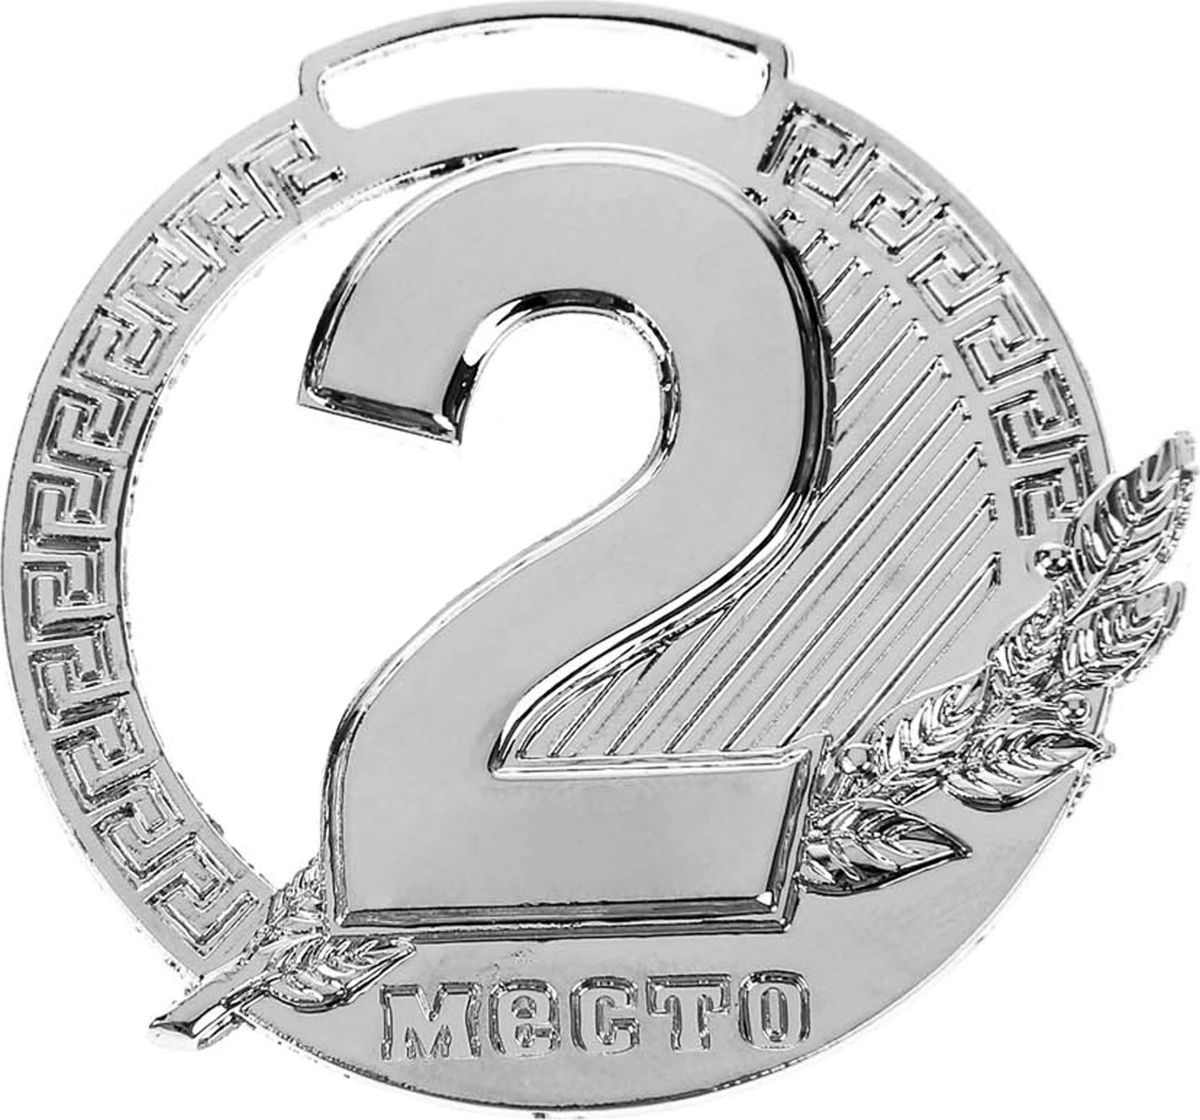 Медаль сувенирная 2 место, цвет: серебристый, диаметр 5,5 см. 003183524Эта универсальная медаль с классическим дизайном подойдёт для любых соревнований. вы сможете дополнить её персональной гравировкой или корпоративной символикой.Если необходимо подчеркнуть важность домашнего или корпоративного спортивного мероприятия, то оригинальным и запоминающимся итогом соревнований будет вручение медалей участникам и победителям. Диаметр медали:: 5,5 см. Сверху расположено отверстие для крепления ленты.